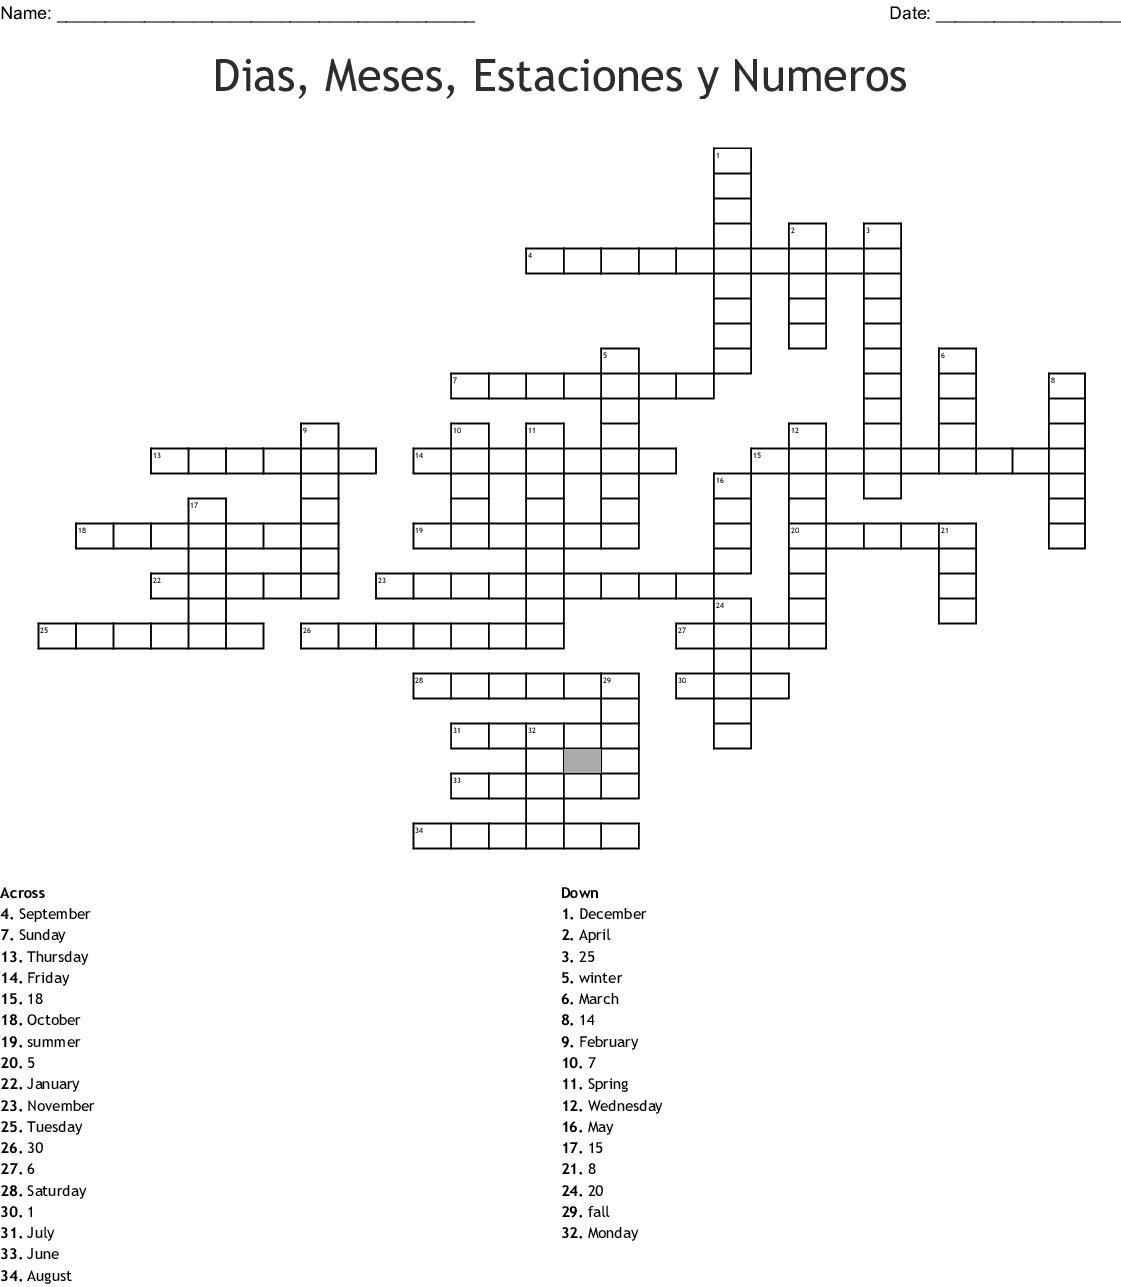 Los Meses Del Ano Y Los Dias De La Semana Crucigrama